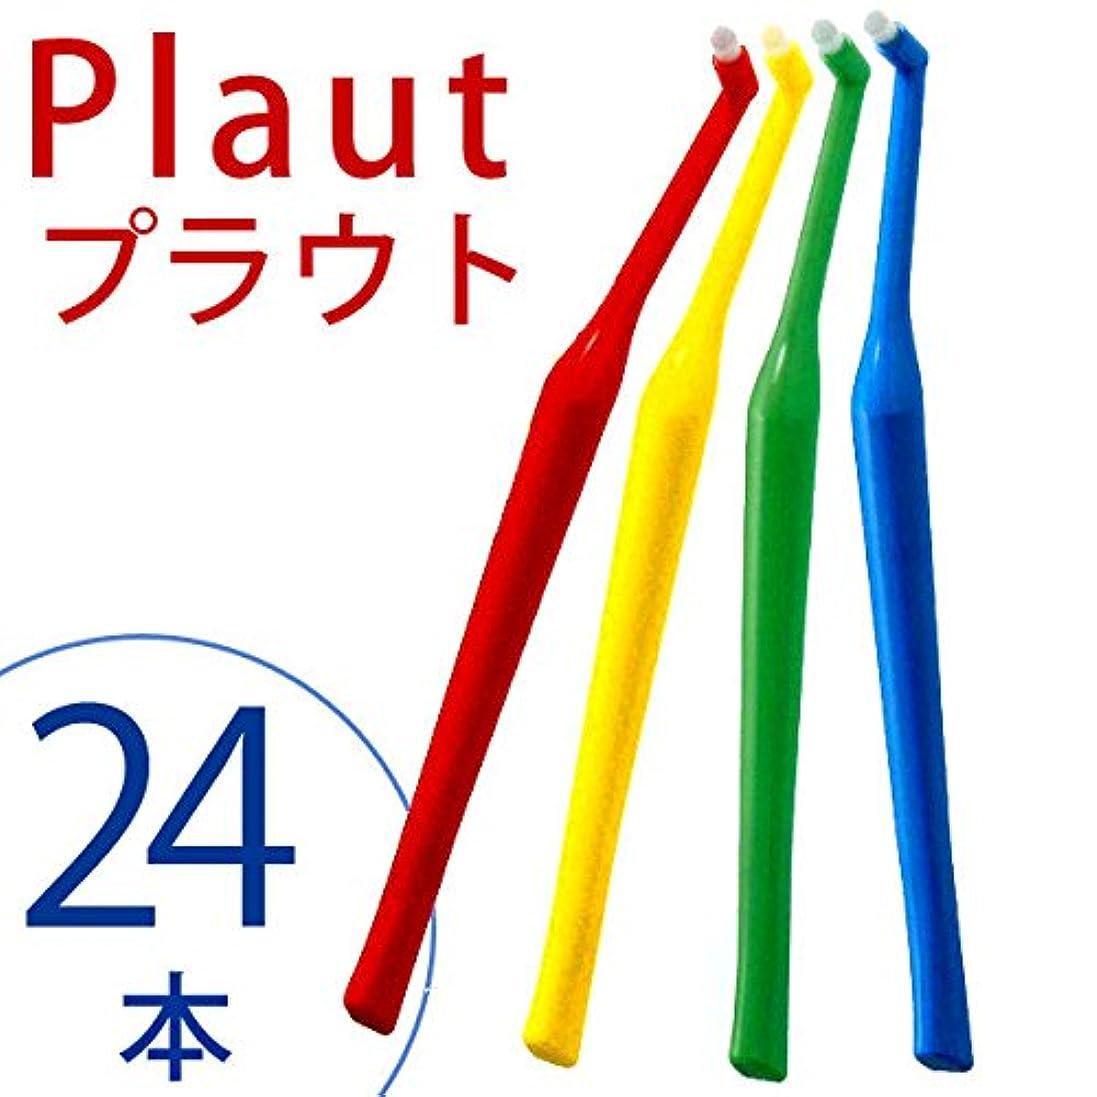 方法シャープ株式会社プラウト 【新ワンタフト】【歯ブラシ タフト】 オーラルケア プラウト スタンダード 24本セット S(ソフト) 4色アソート